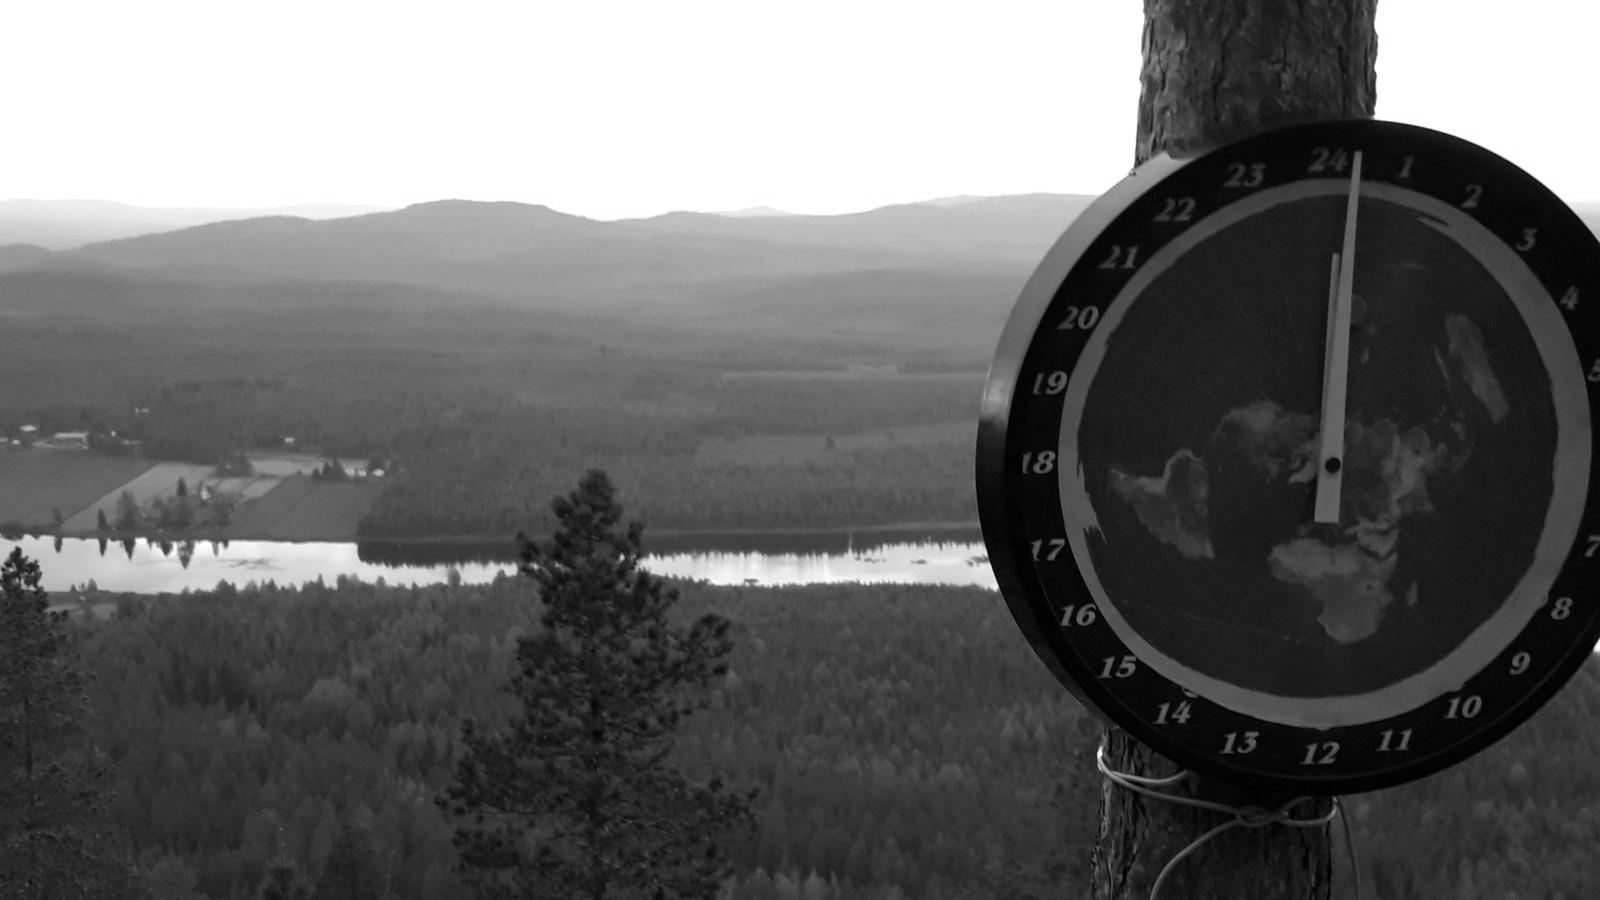 Aavasaksa-Lapponia-Finlandia